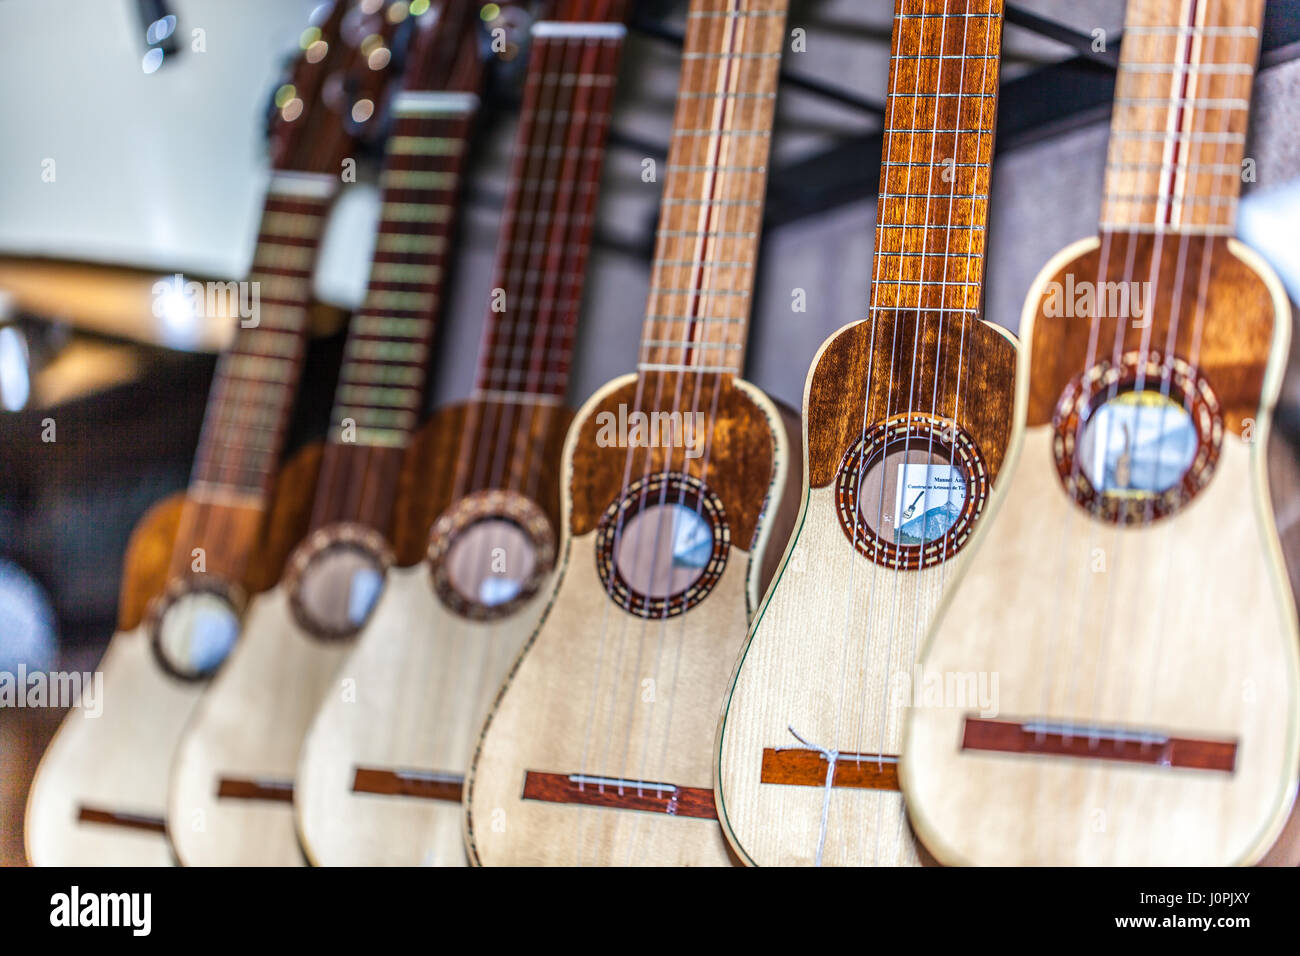 TIMPLE Instrumente zum Verkauf in einem Musikgeschäft hängen Stockbild